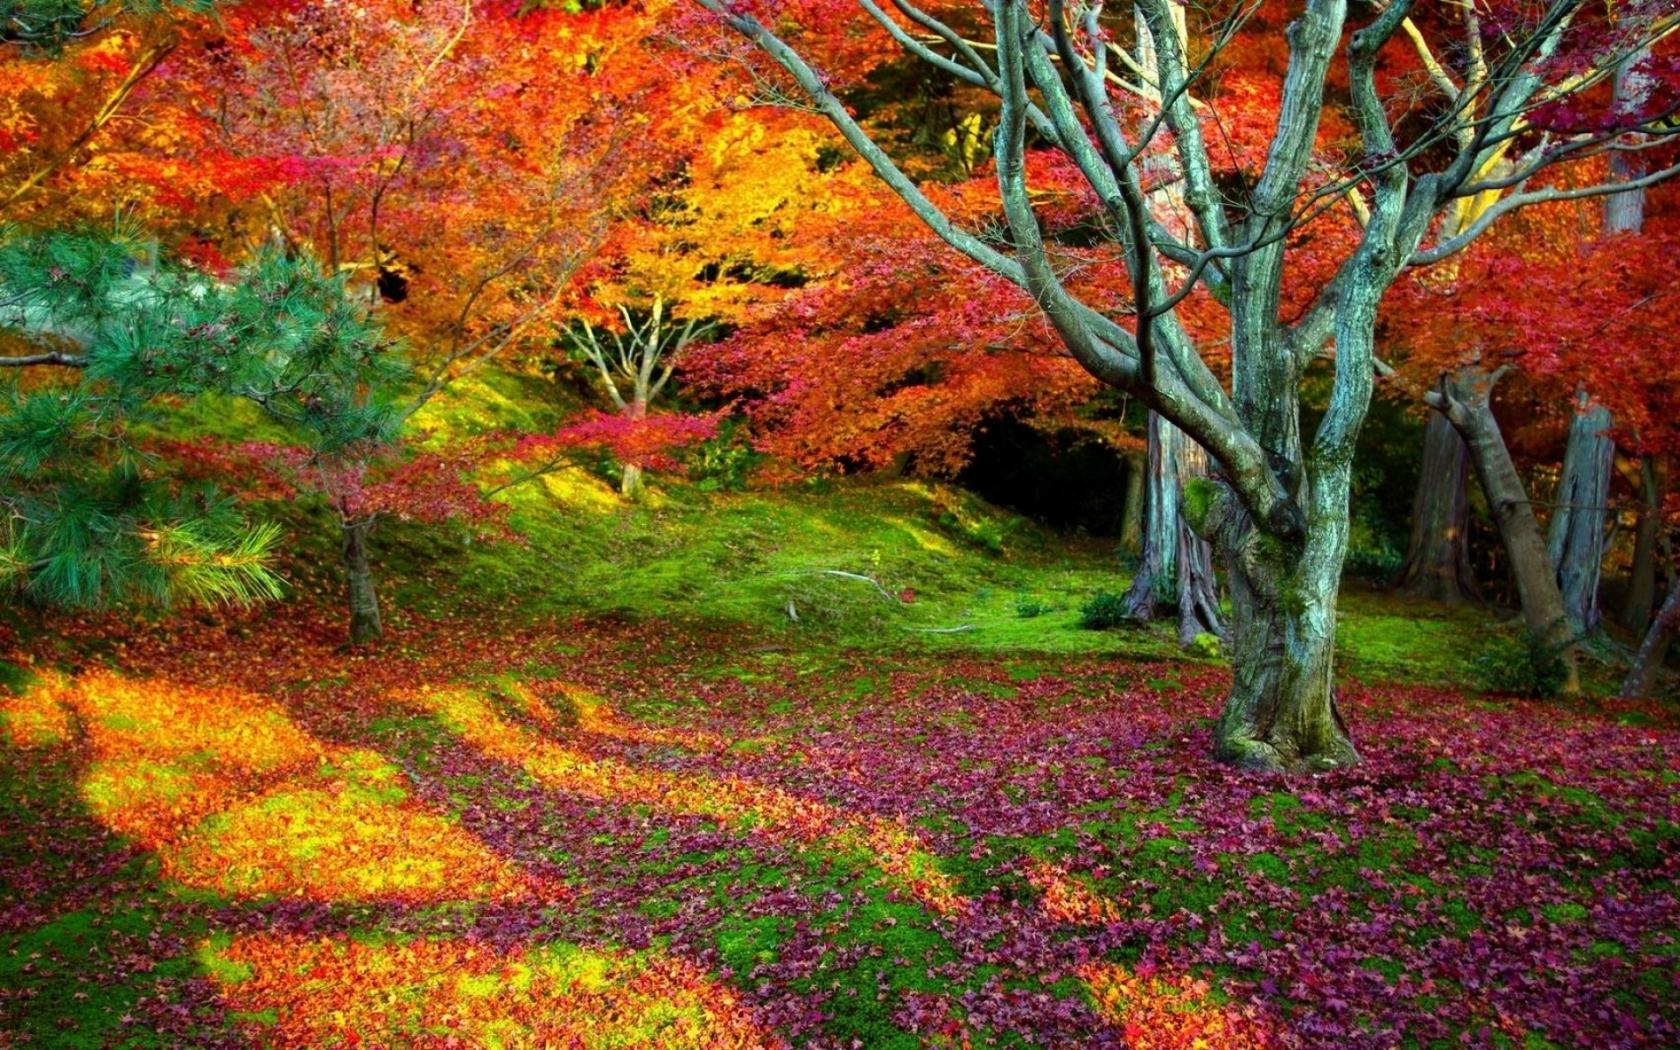 Arboles con hojas de colores - 1680x1050